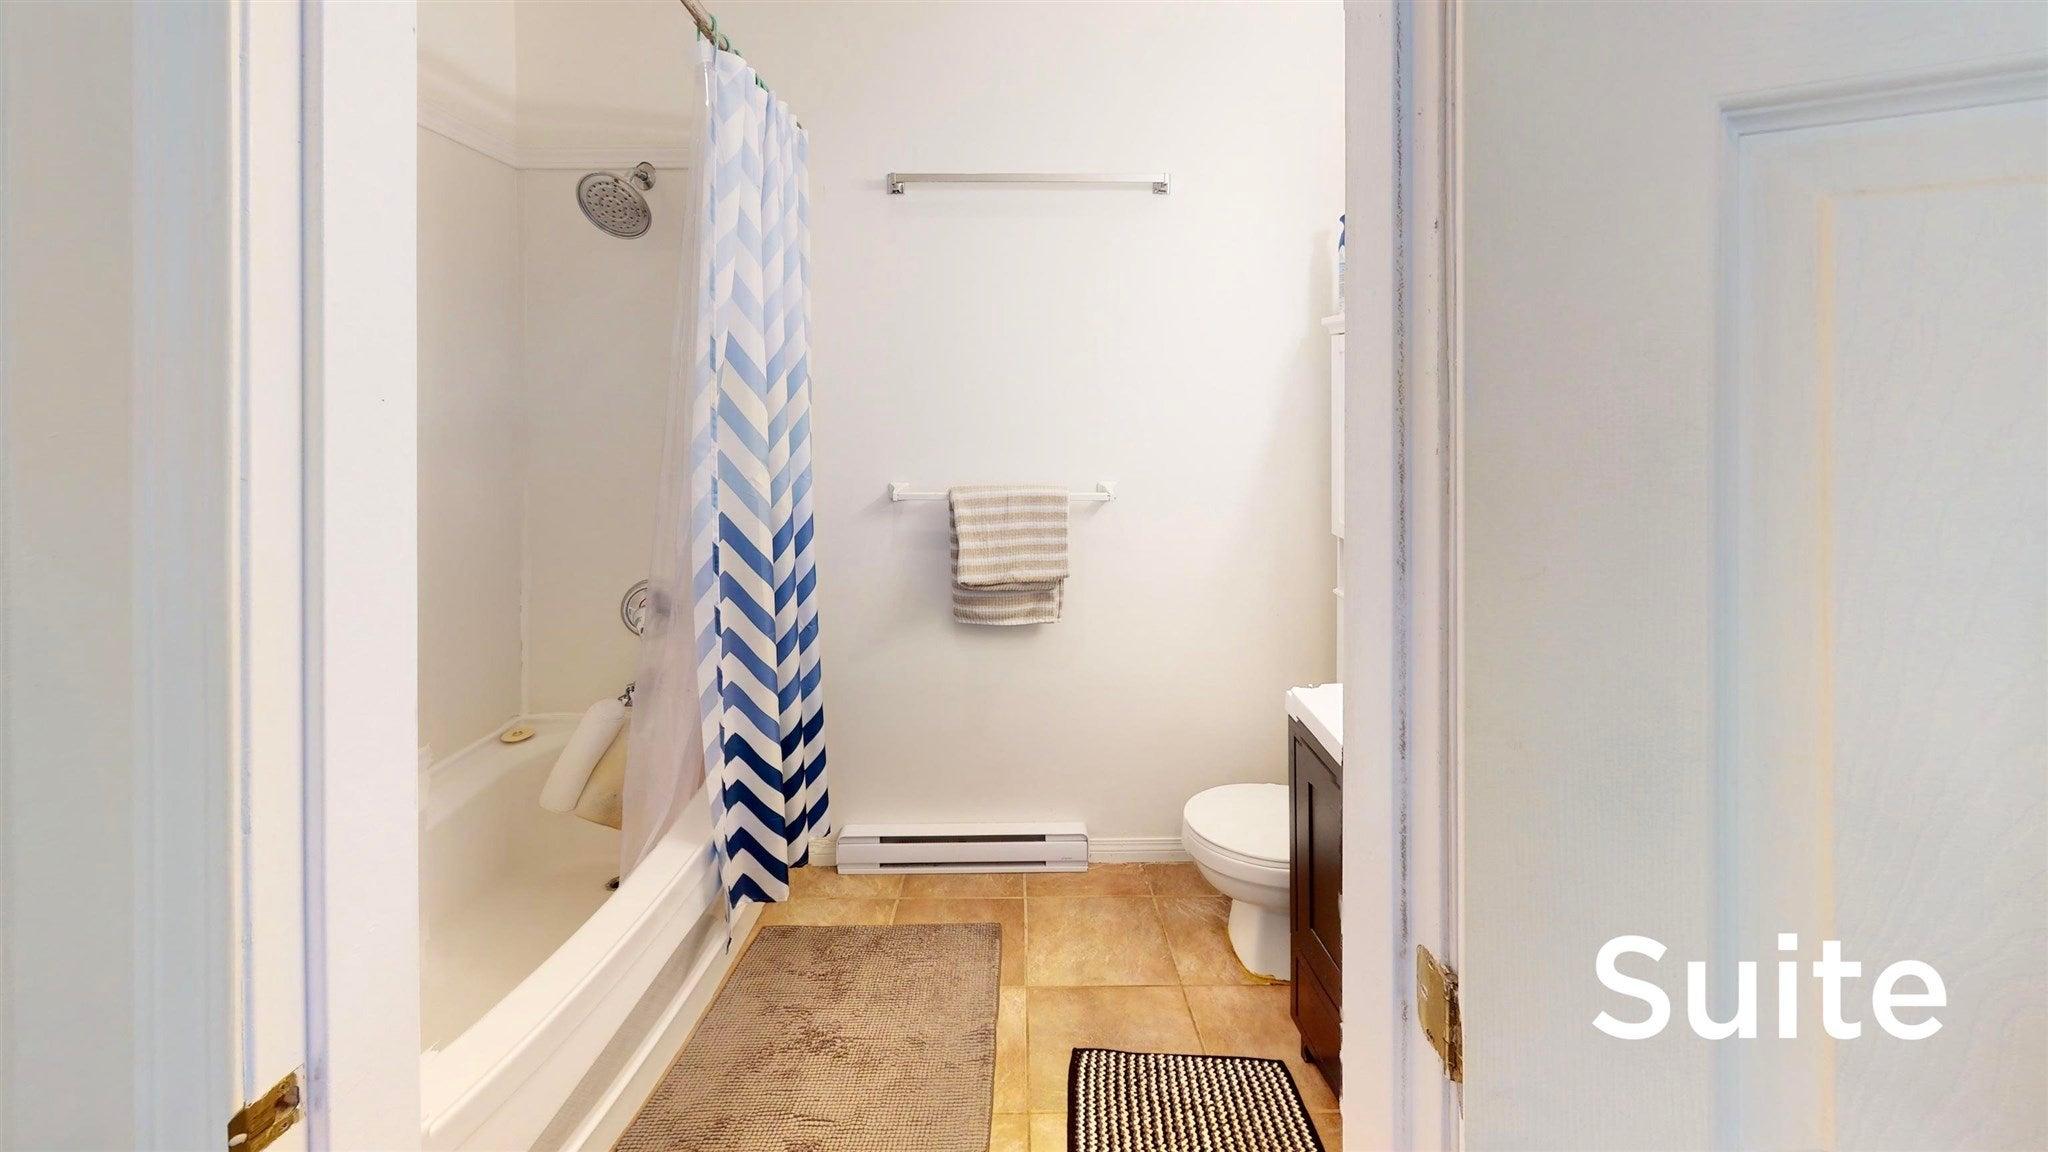 50 2322 CAYLEY CLOSE - Bayshores 1/2 Duplex for sale, 4 Bedrooms (R2599293) - #13